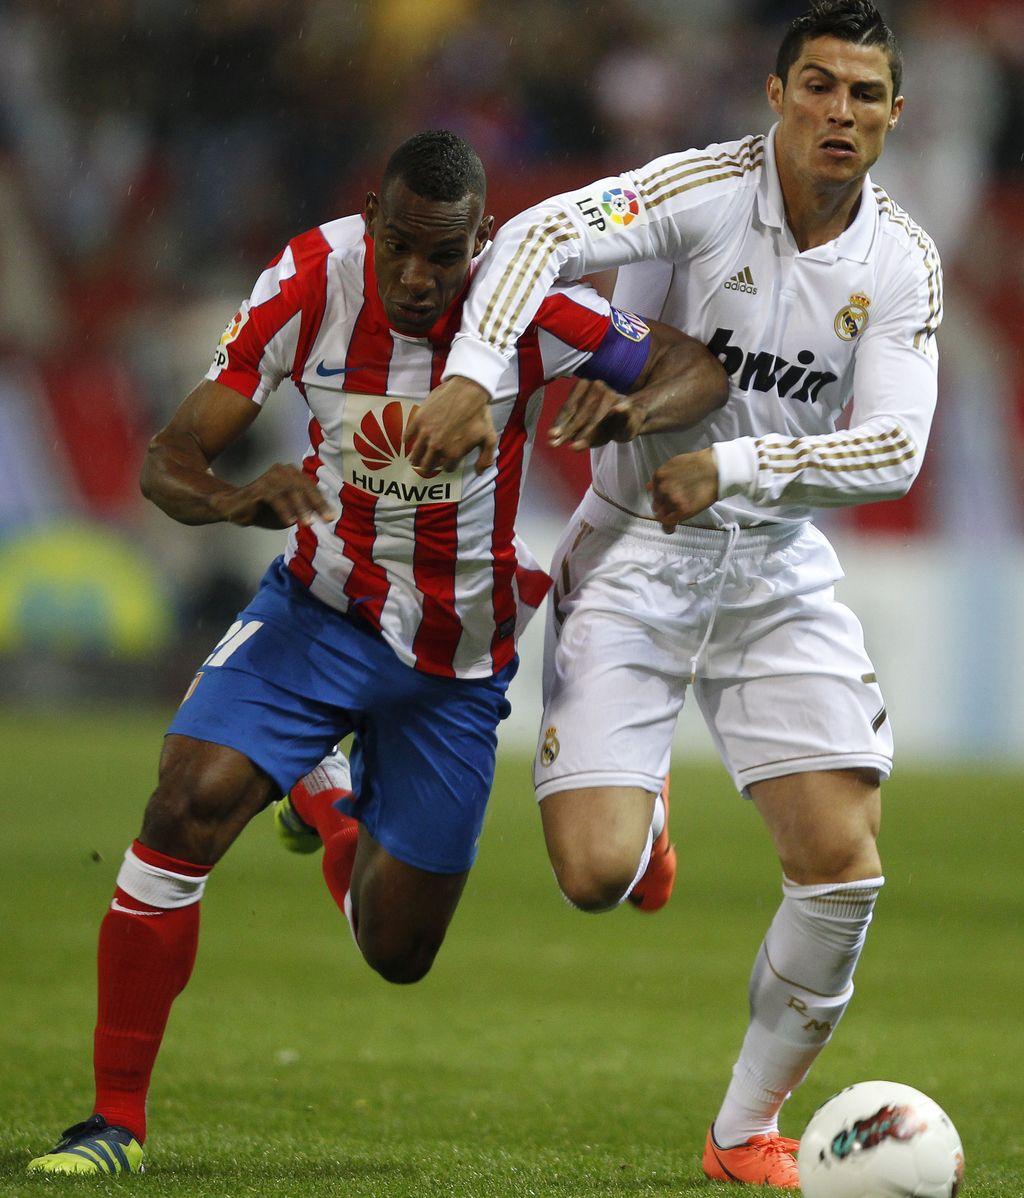 Perea disputa el balón a Cristiano Ronaldo